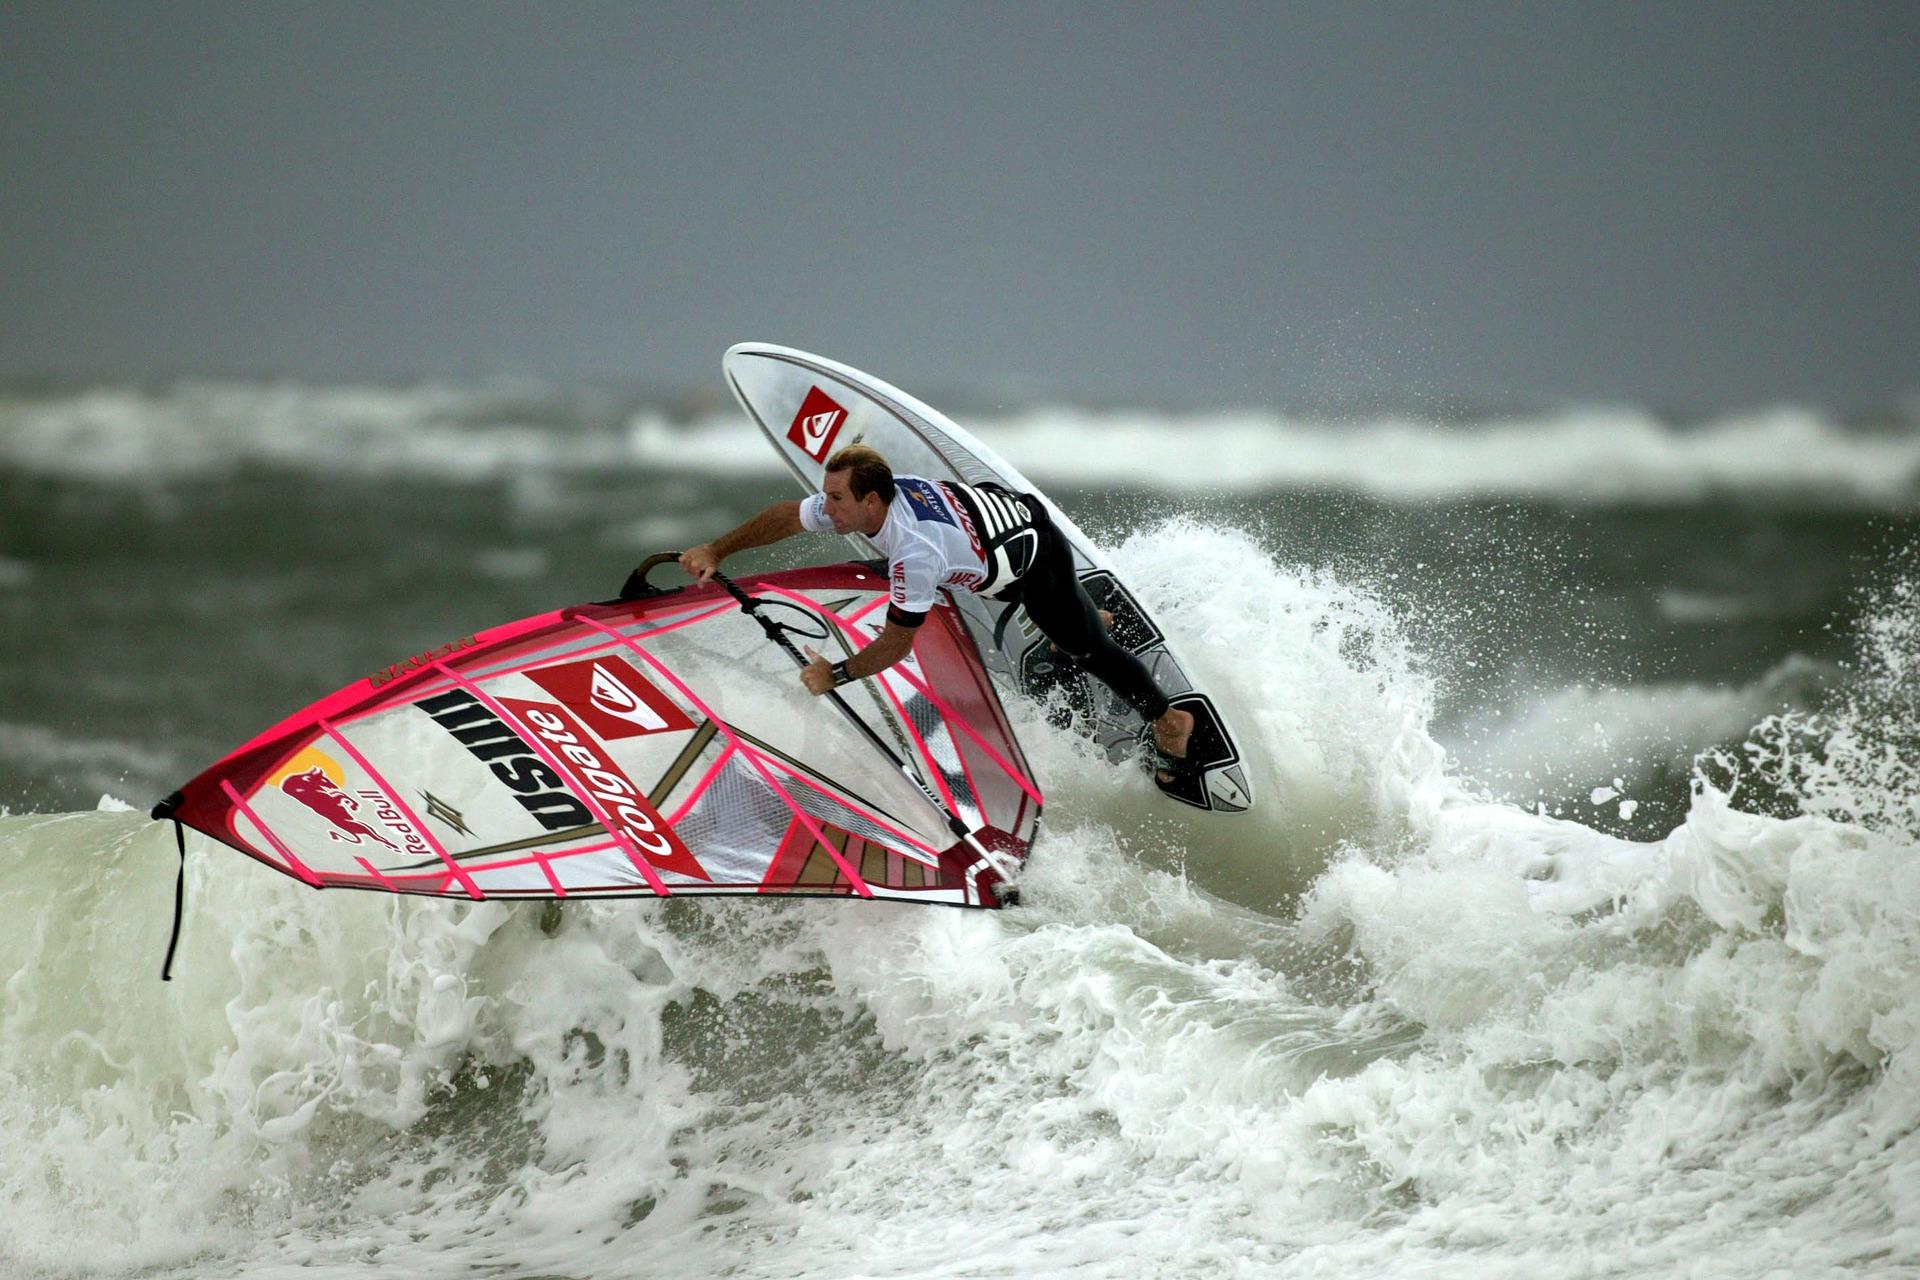 planche à voile, Surf, Mer, vague, surfeur - Fonds d'écran HD - Professor-falken.com